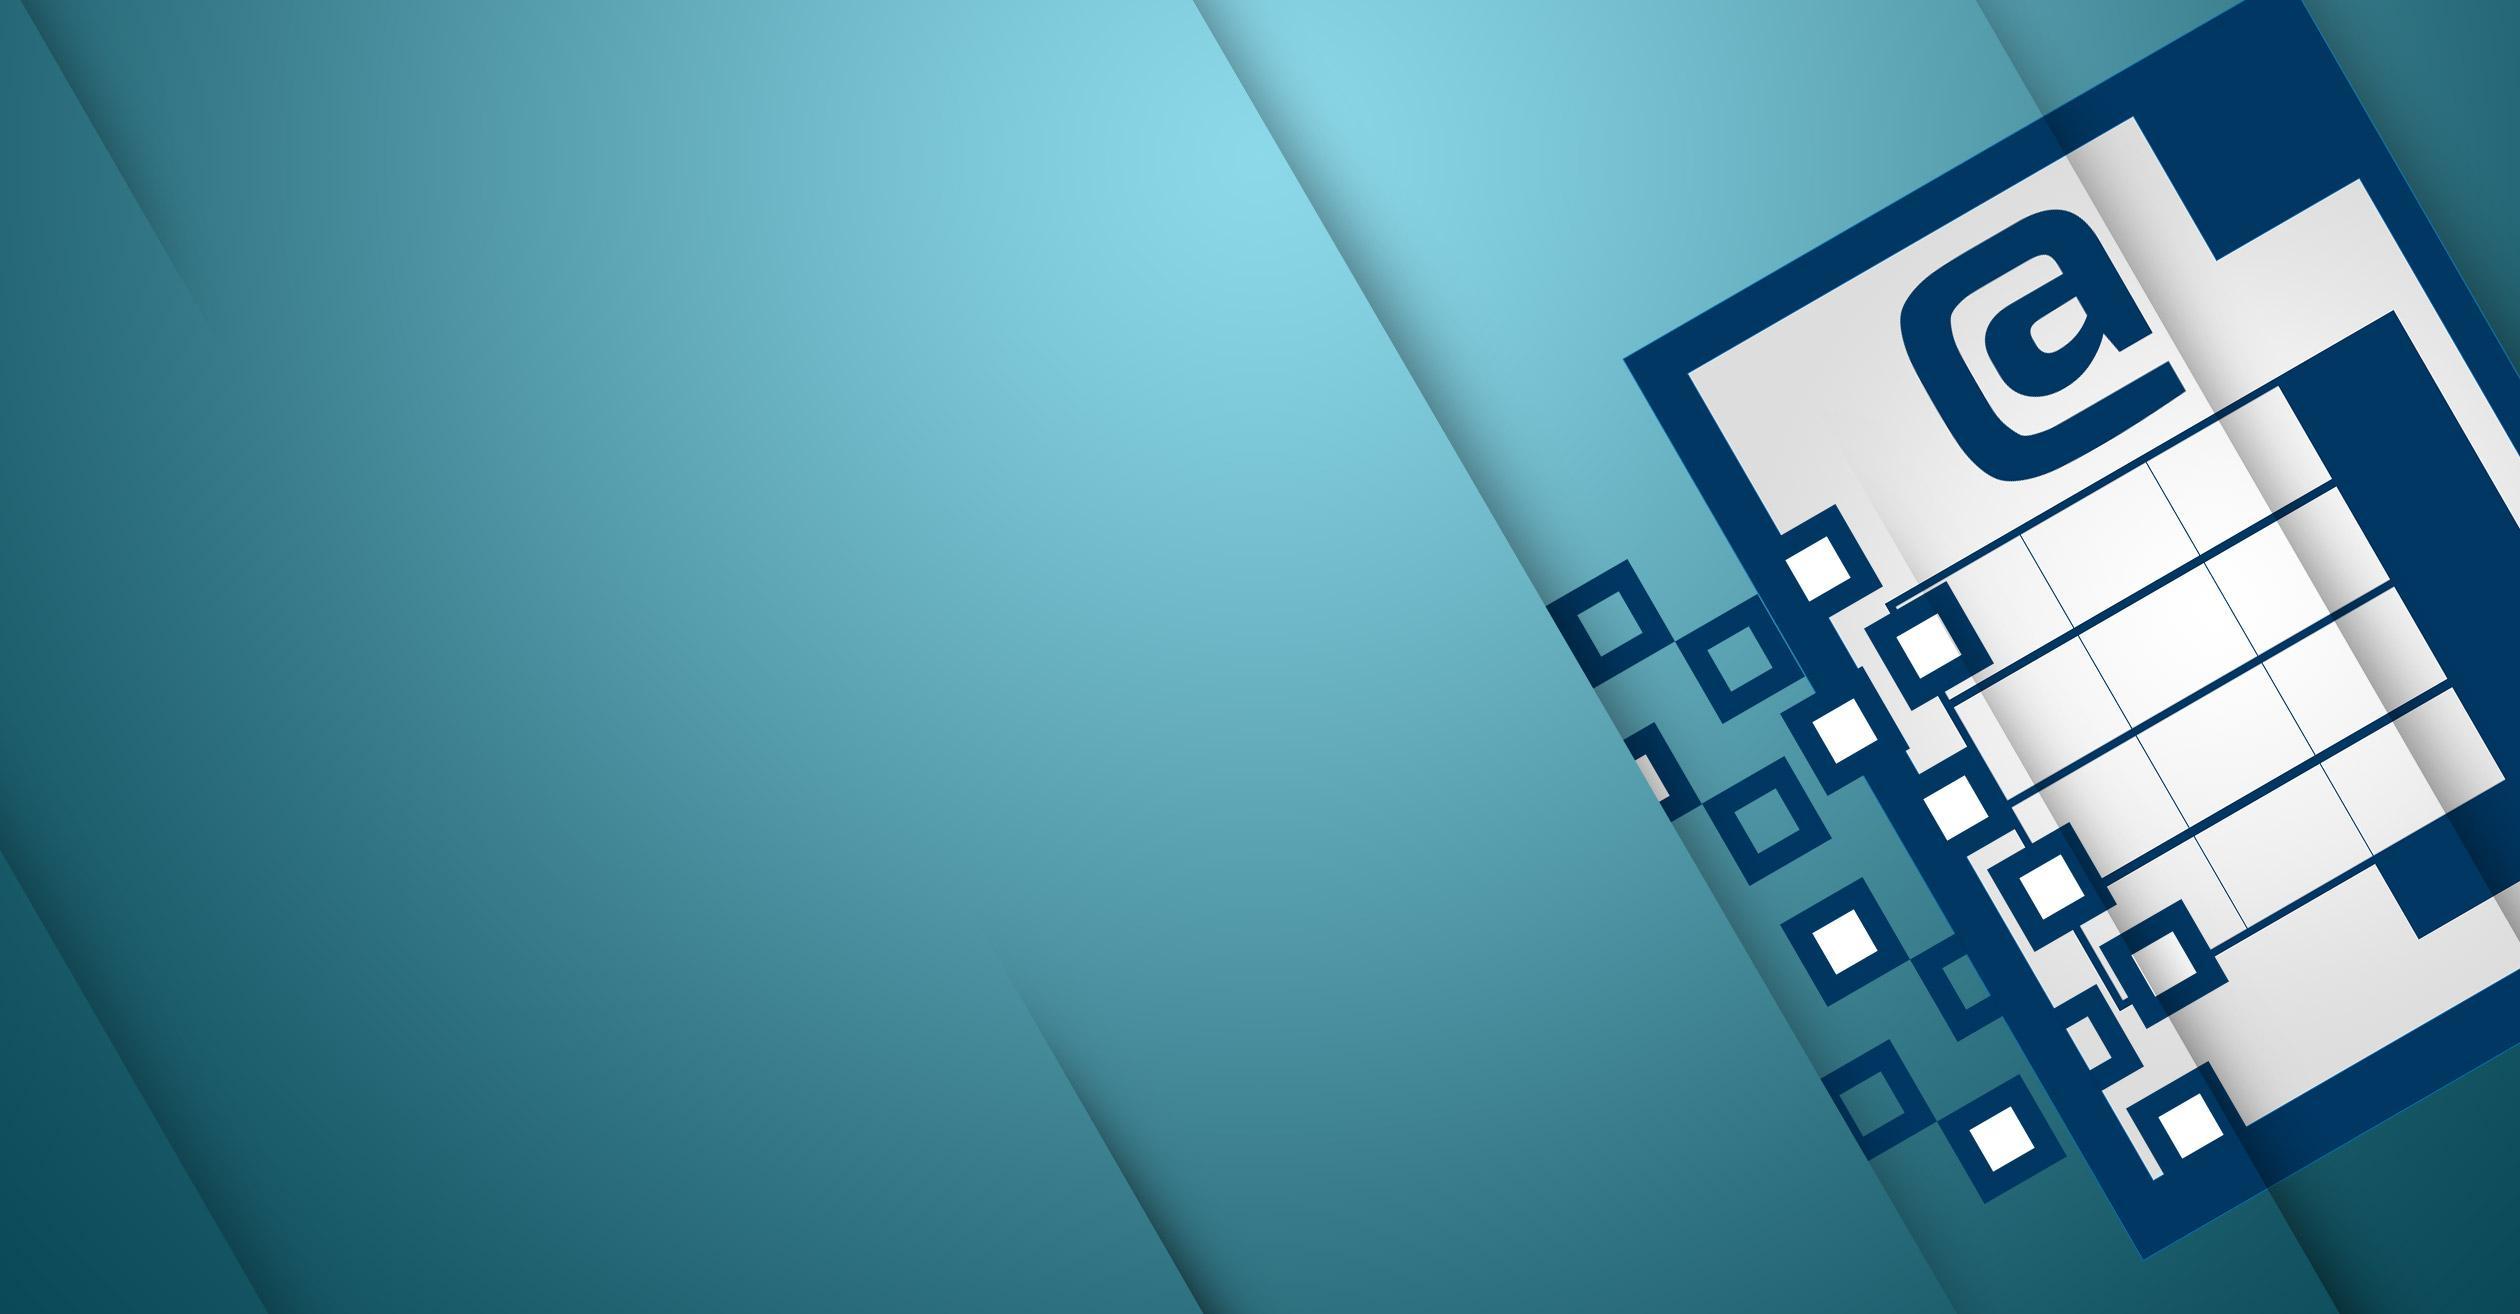 Recensioni Blumatica e'fatto Hub: Il software di fatturazione elettronica per il settore edile - appvizer